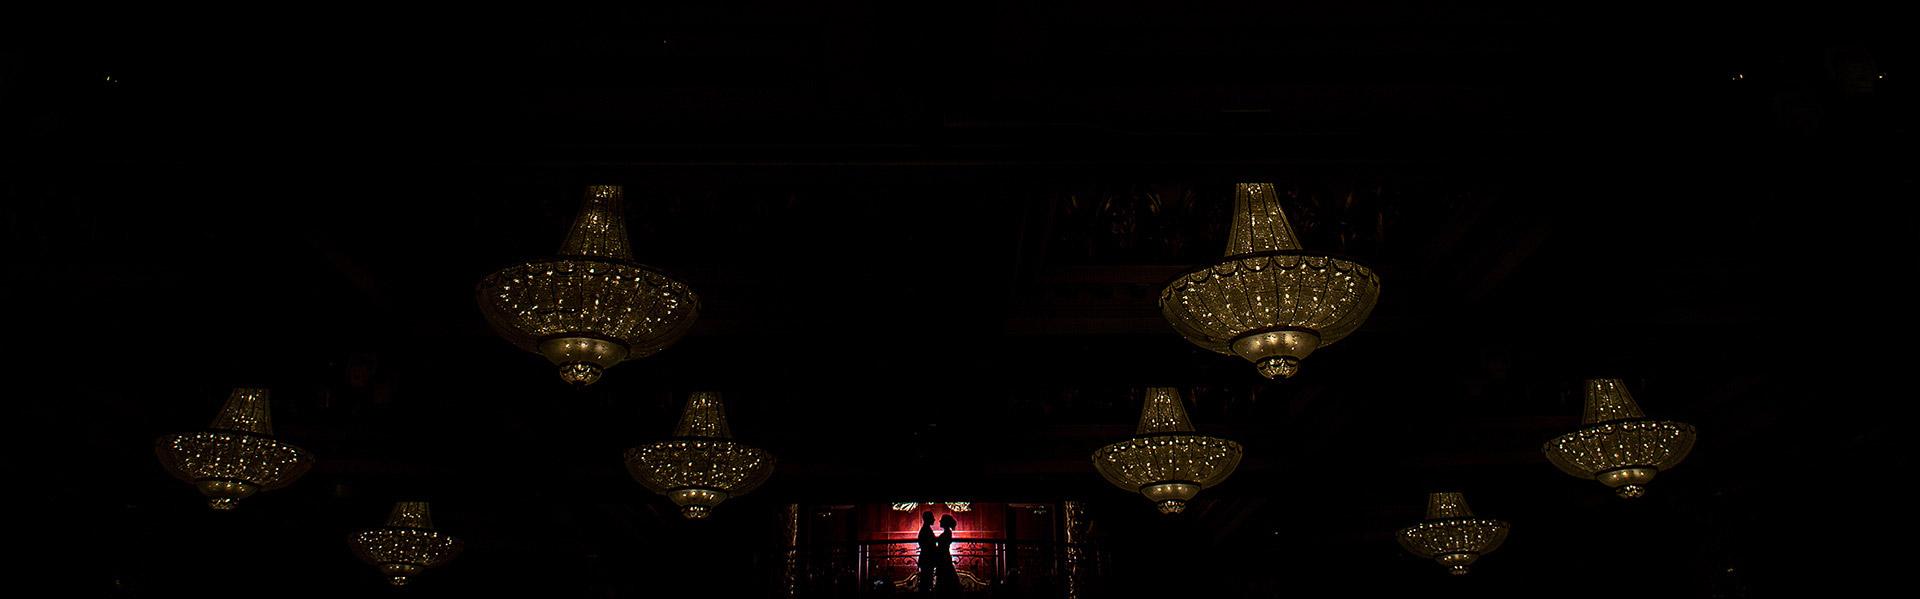 © Йохан Парк / Yohan Park, Первое место в категории «Свадьба — Свадебная пара вместе: День свадьбы», Фотоконкурс WPPI Second Half Competition